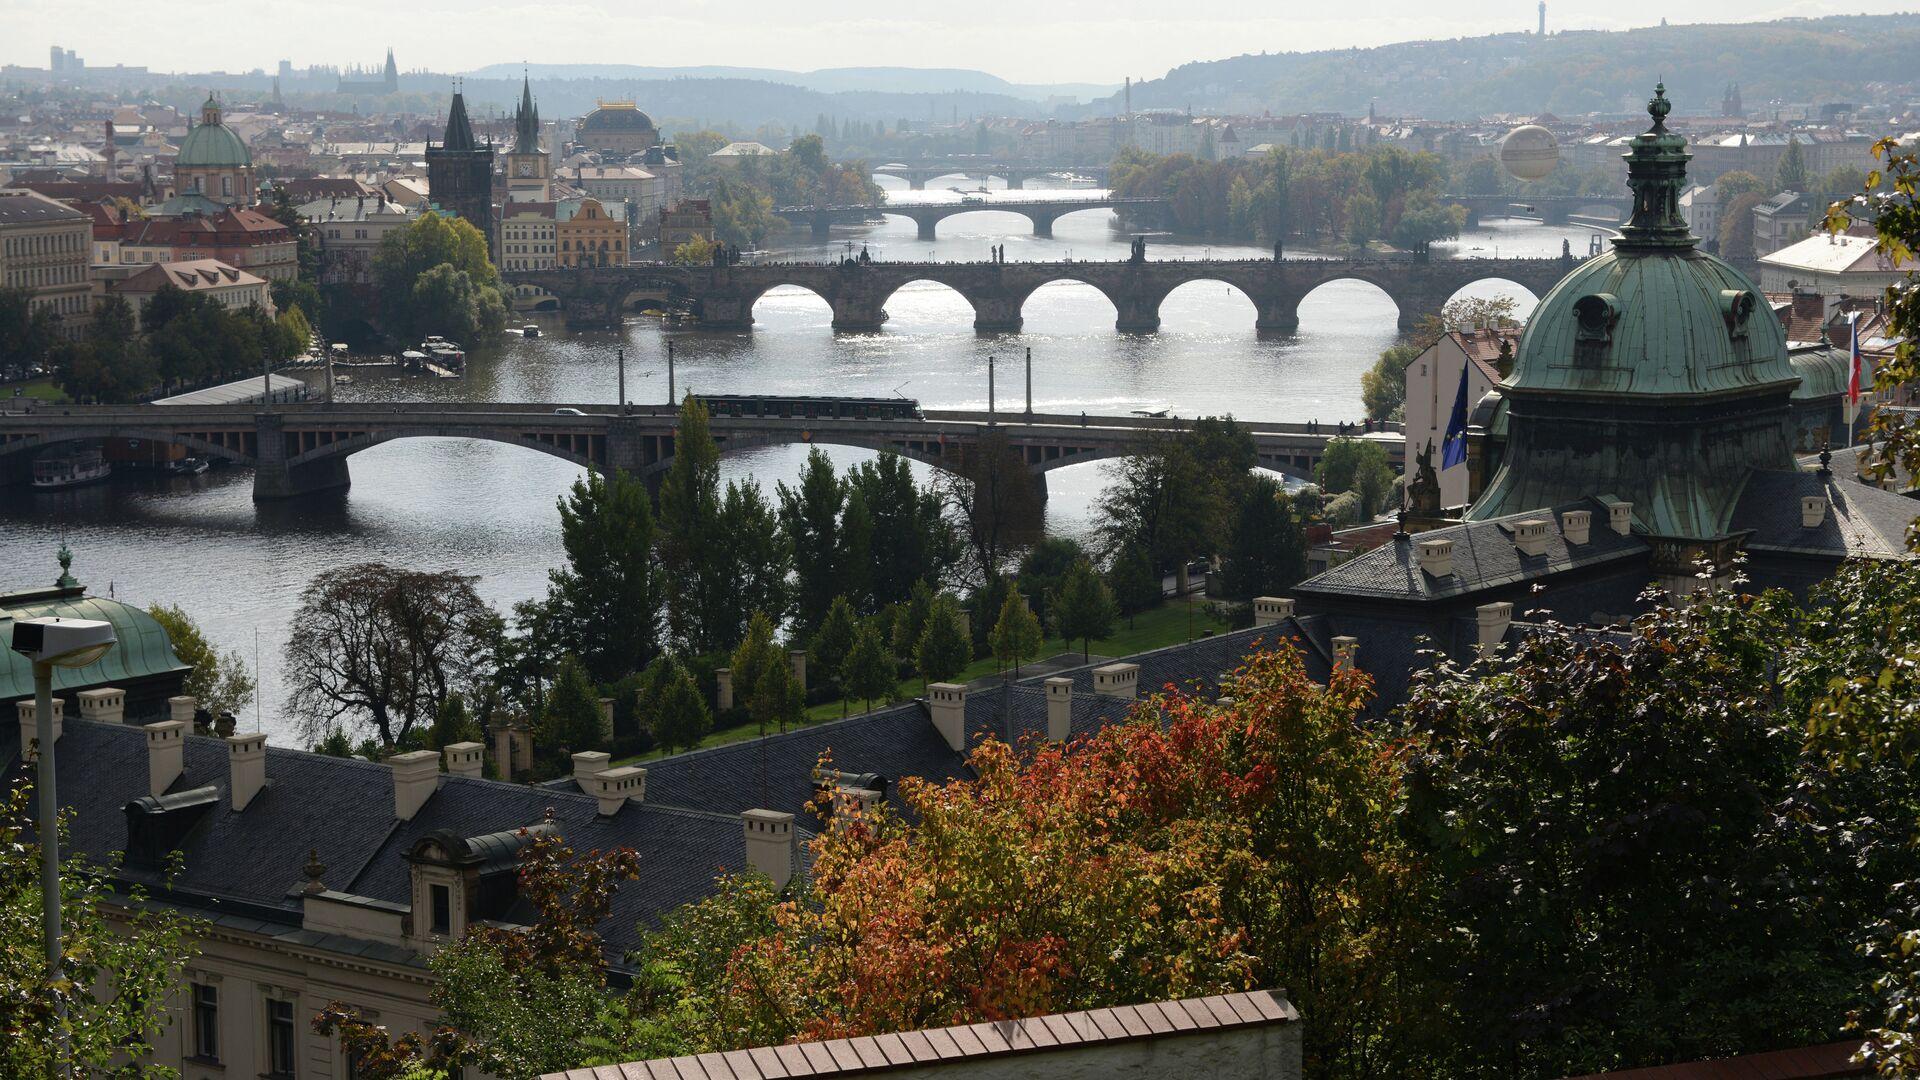 Вид на Прагу со смотровой площадки - РИА Новости, 1920, 04.05.2021